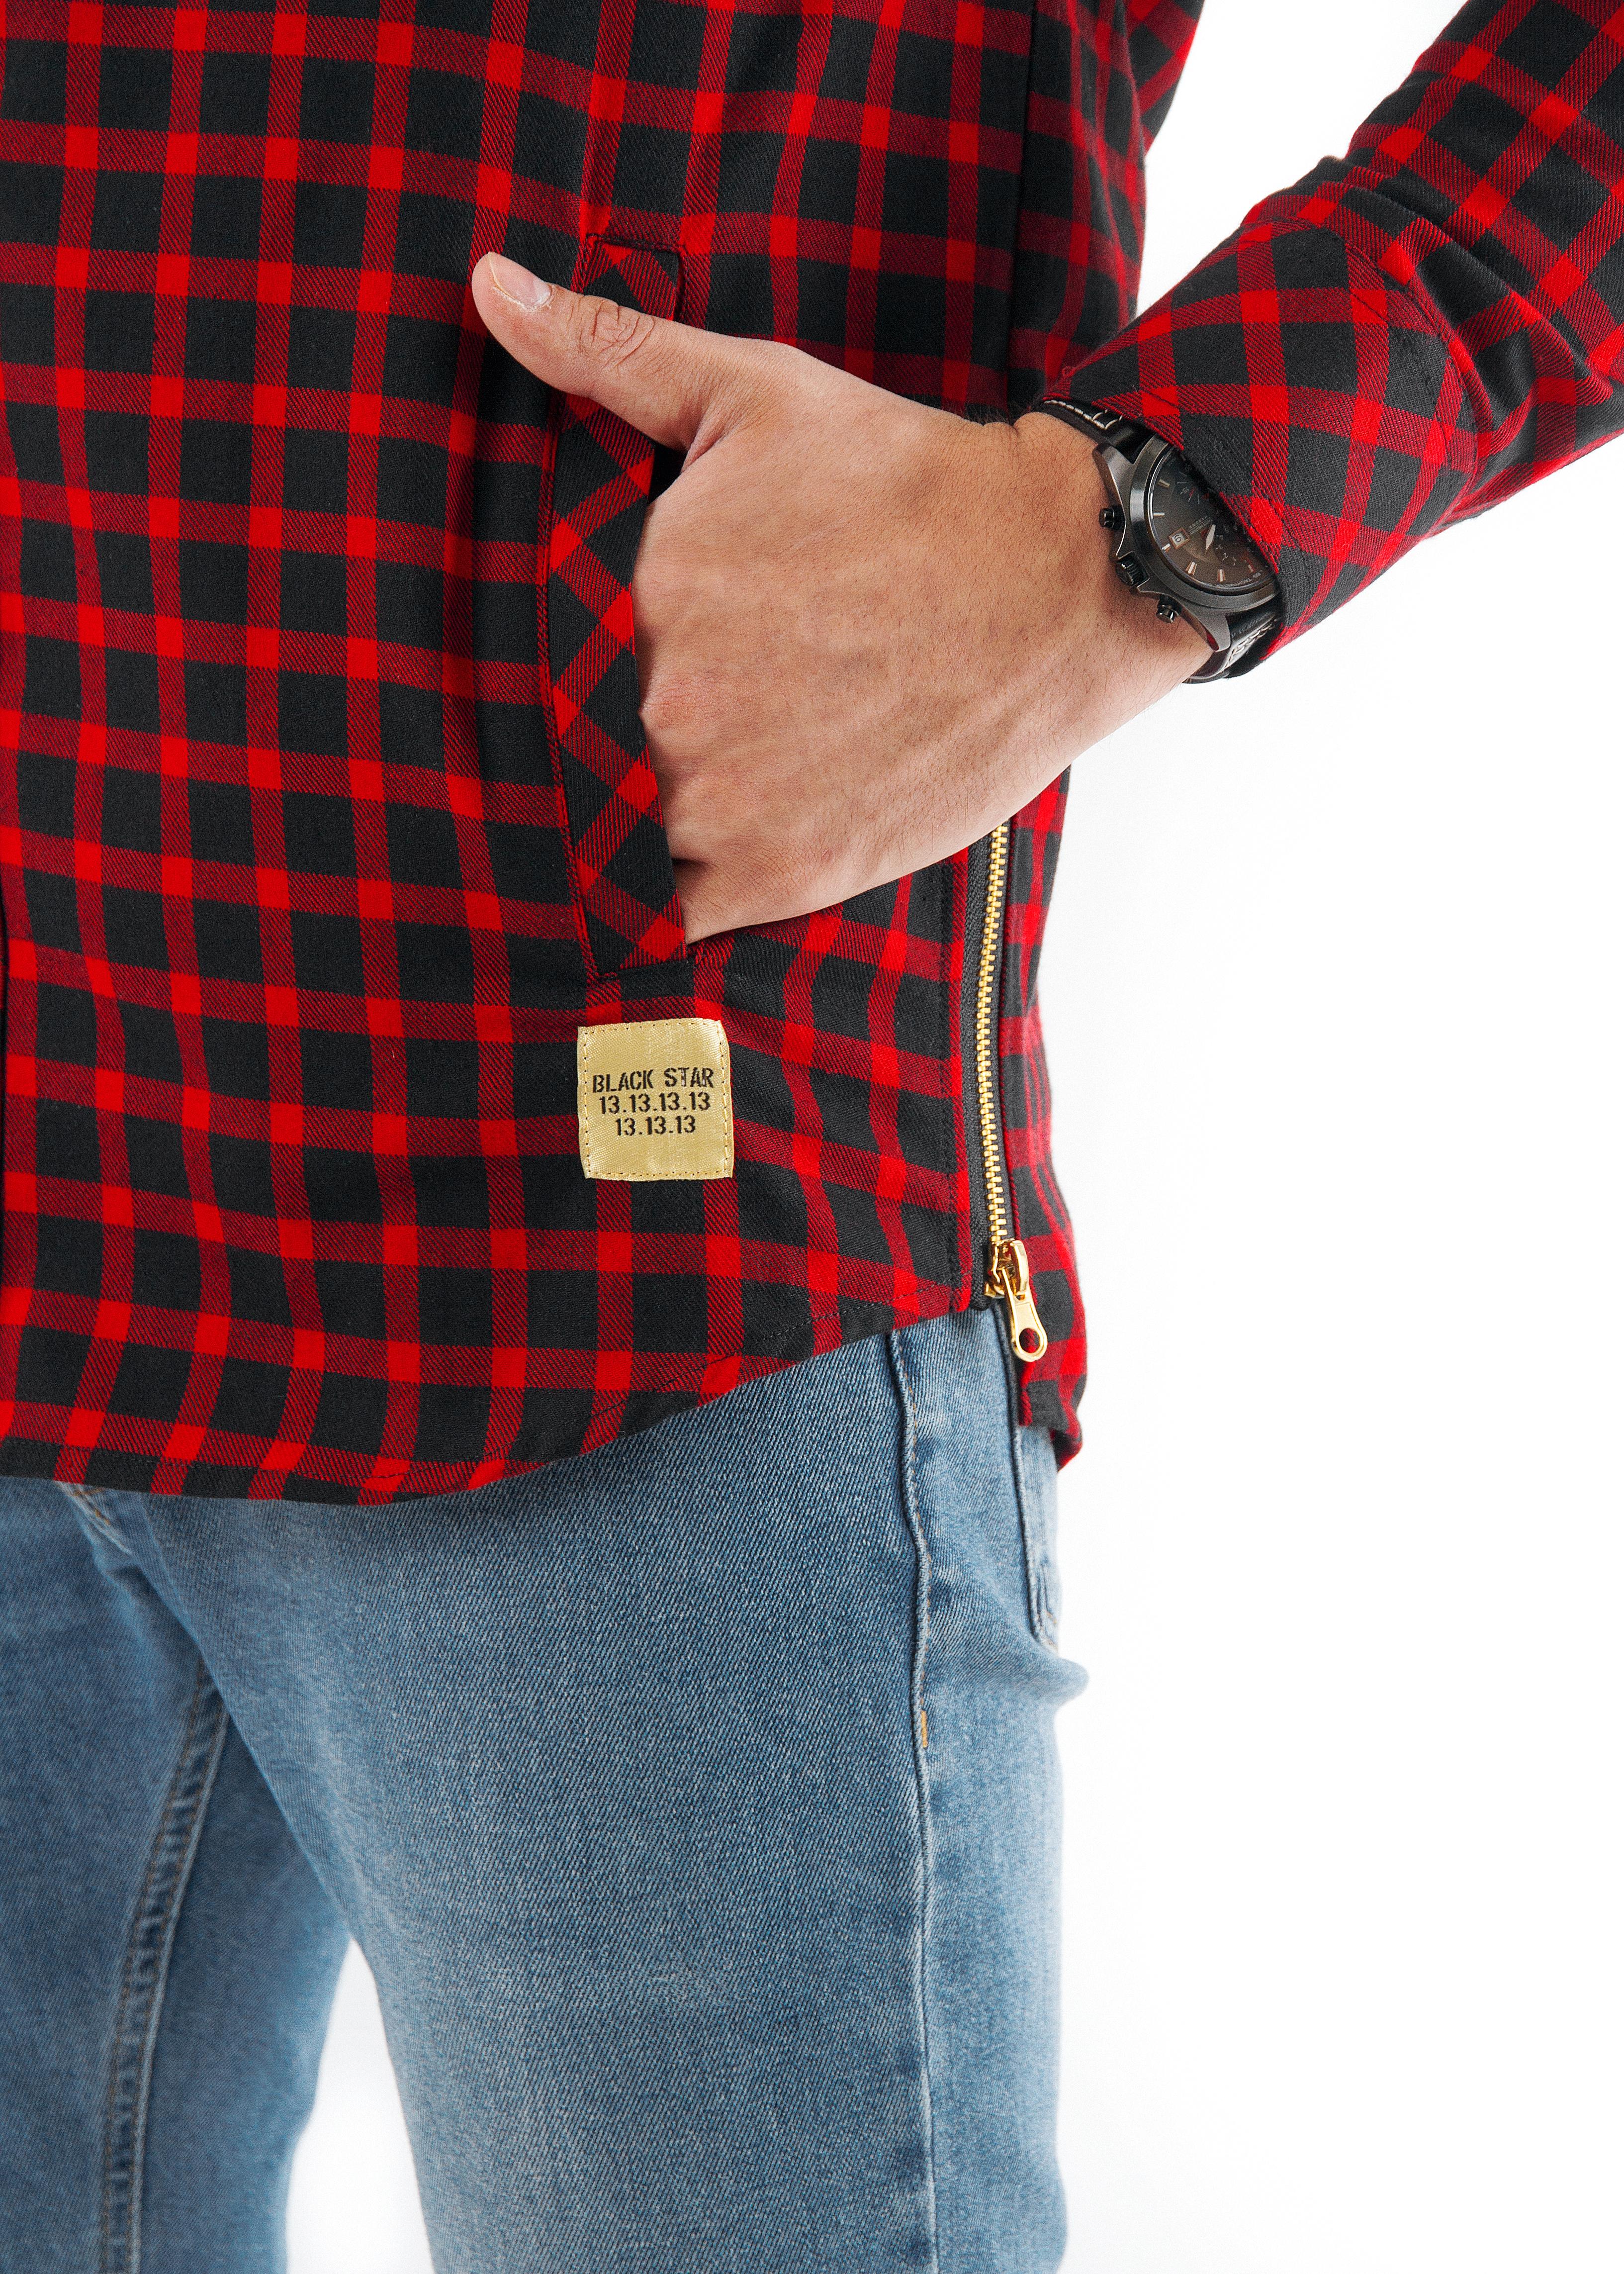 Рубашка мужская Checked 13 от Black Star